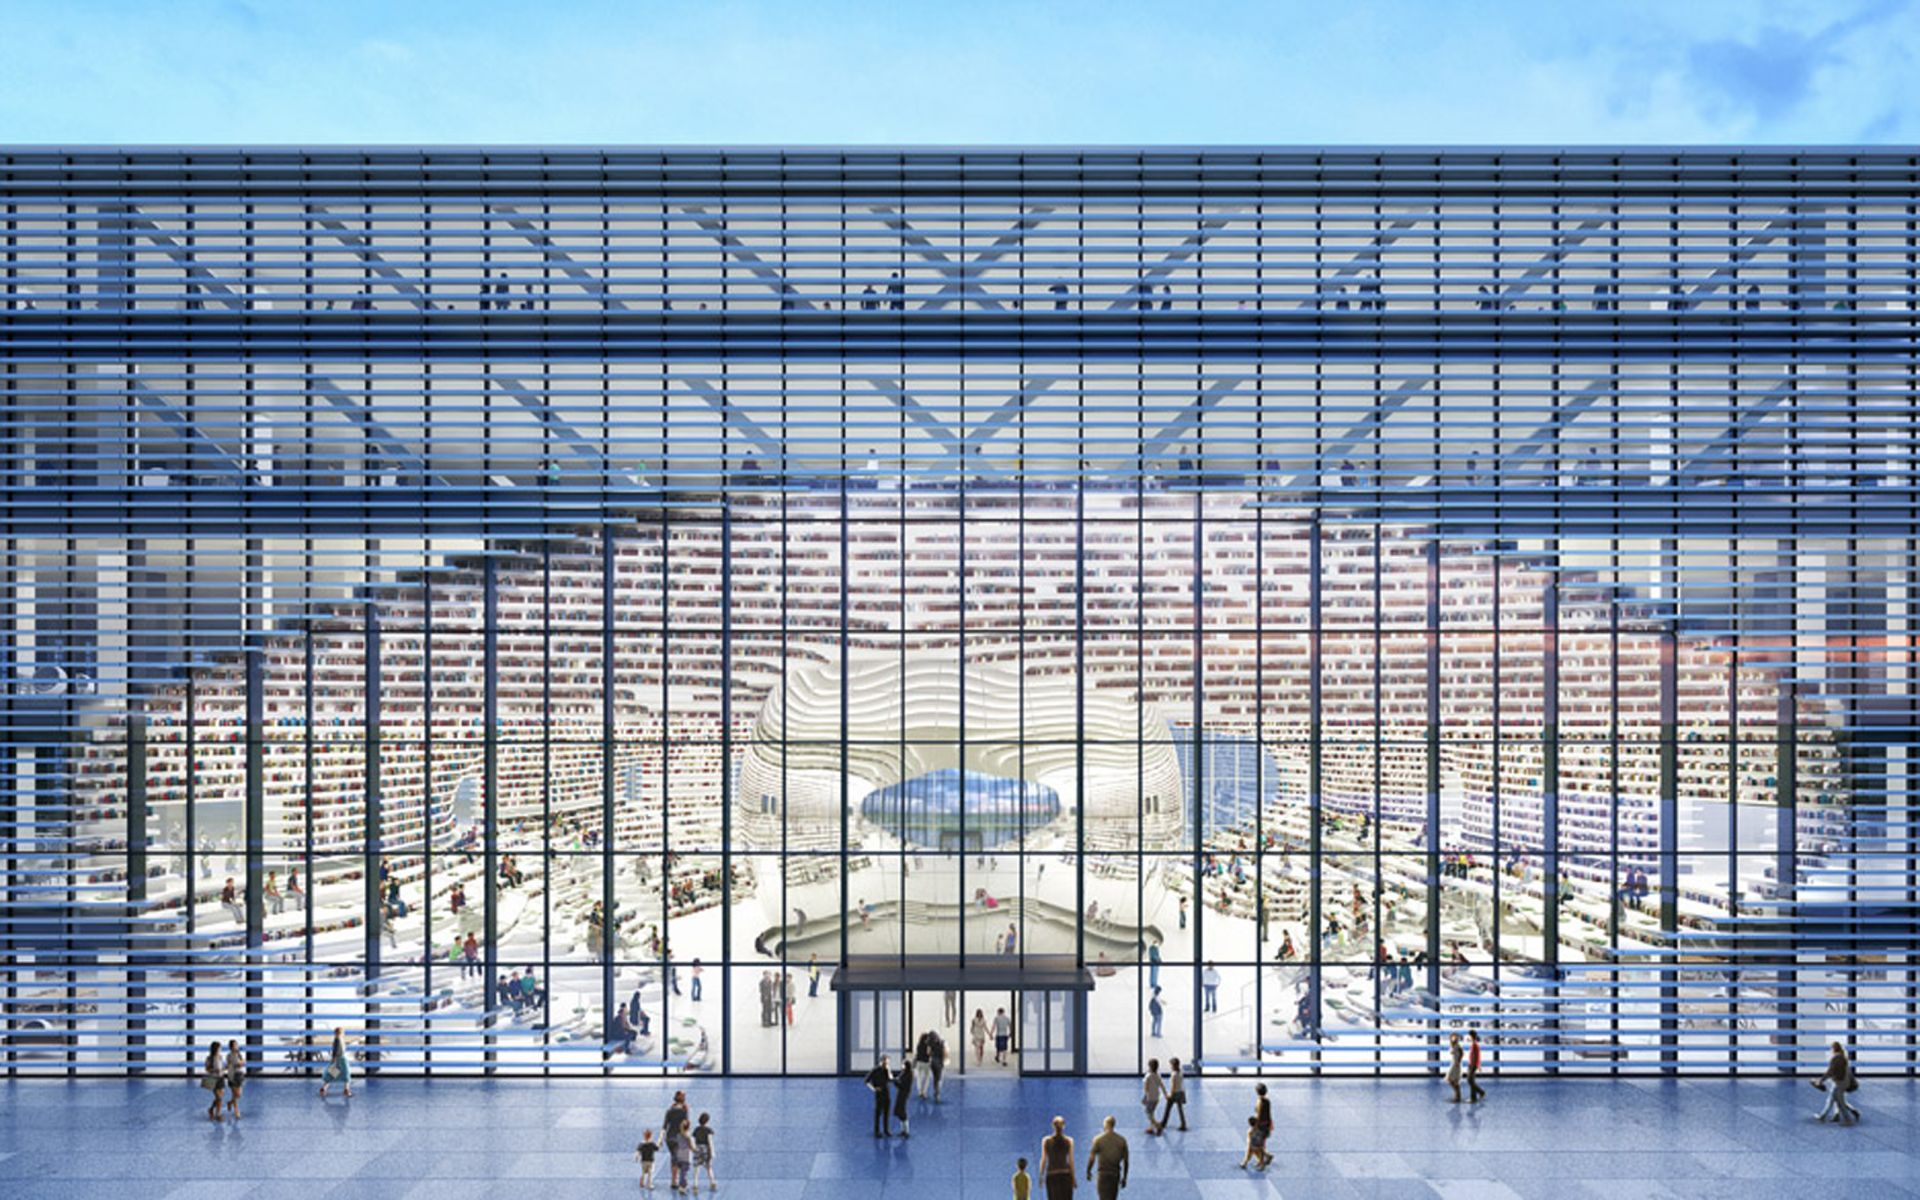 Архитектура для книг: необычные библиотеки мира